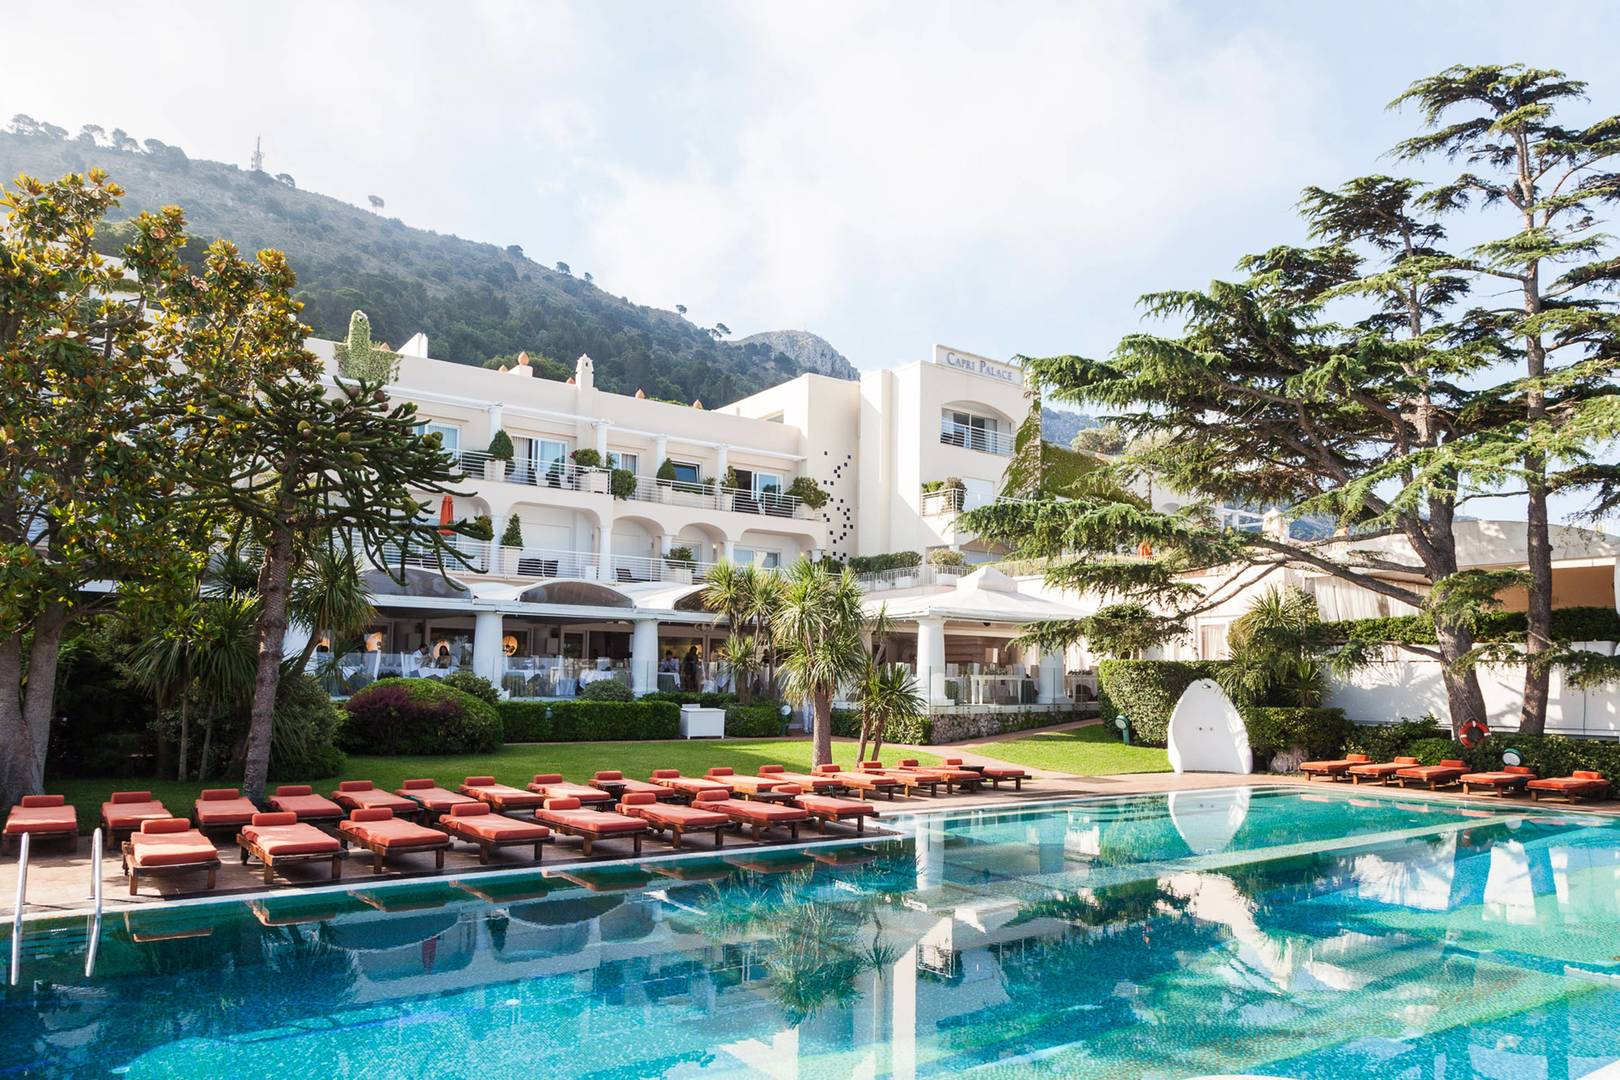 Capri Palace main pool